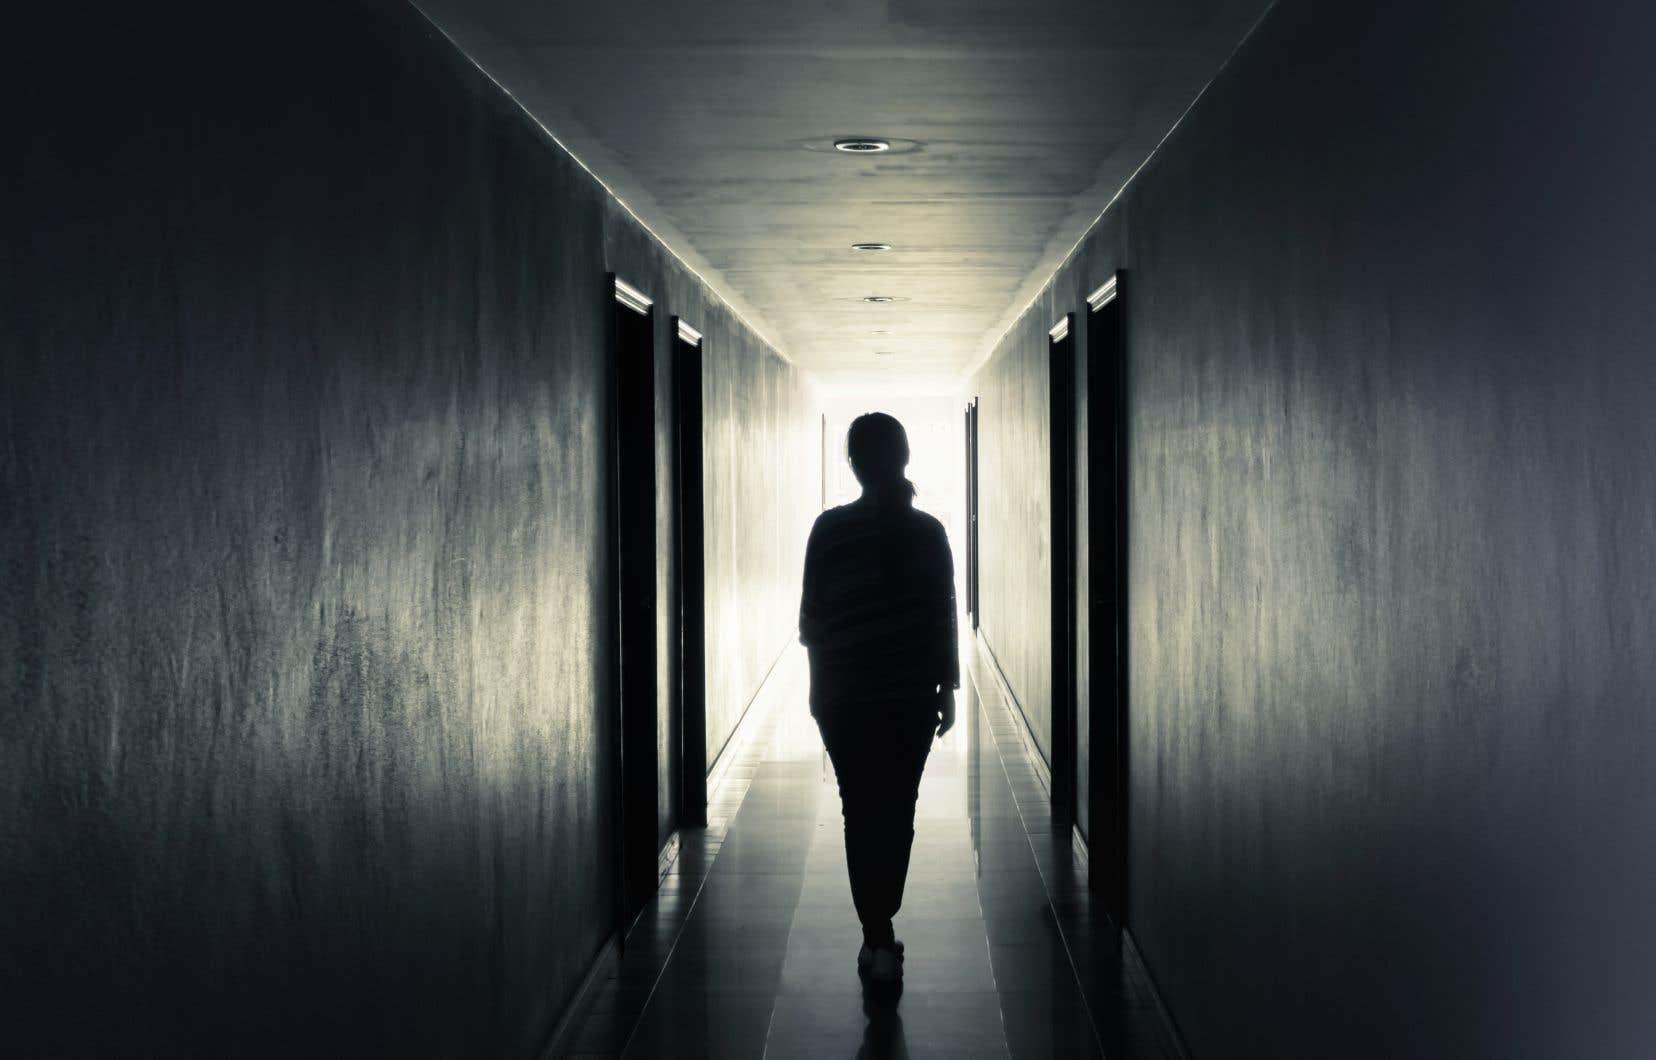 «[Les] politiques, permettant l'euthanasie et le suicide assisté, ont donné lieu à une augmentation de ces demandes par des patients atteints de maladies psychiatriques», selon les auteures.